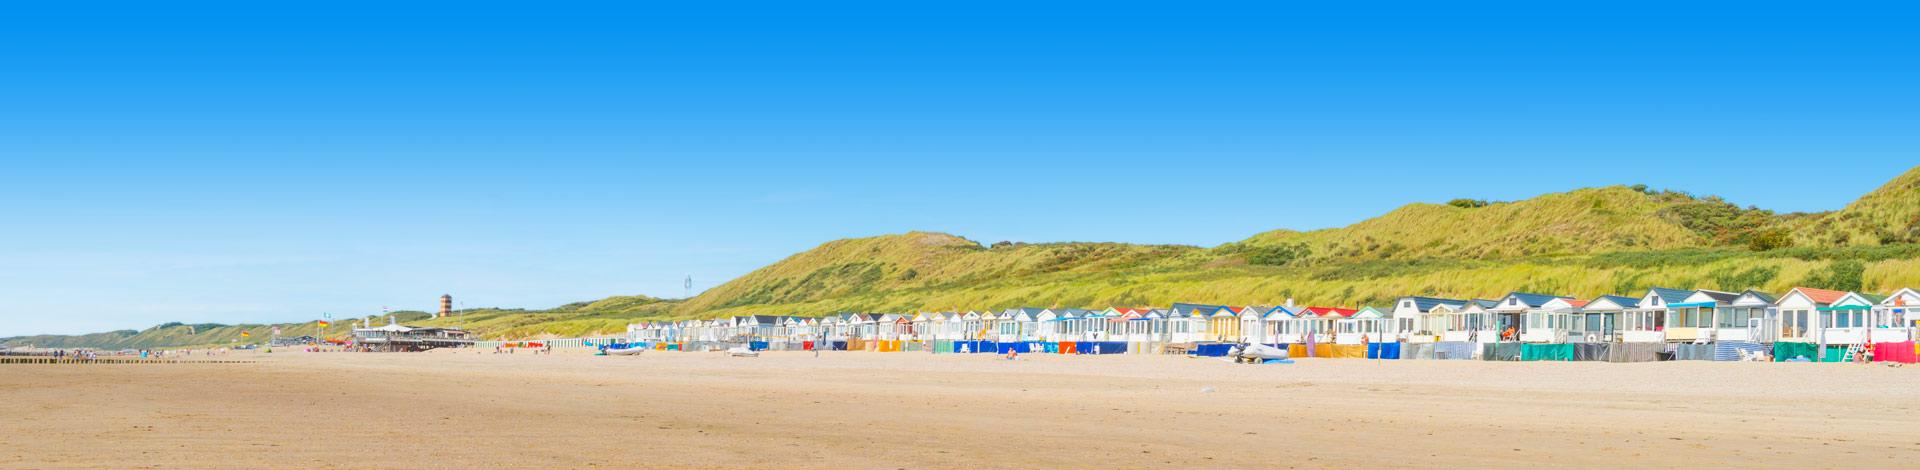 Gekleurde trandhuisjes op het strand in België